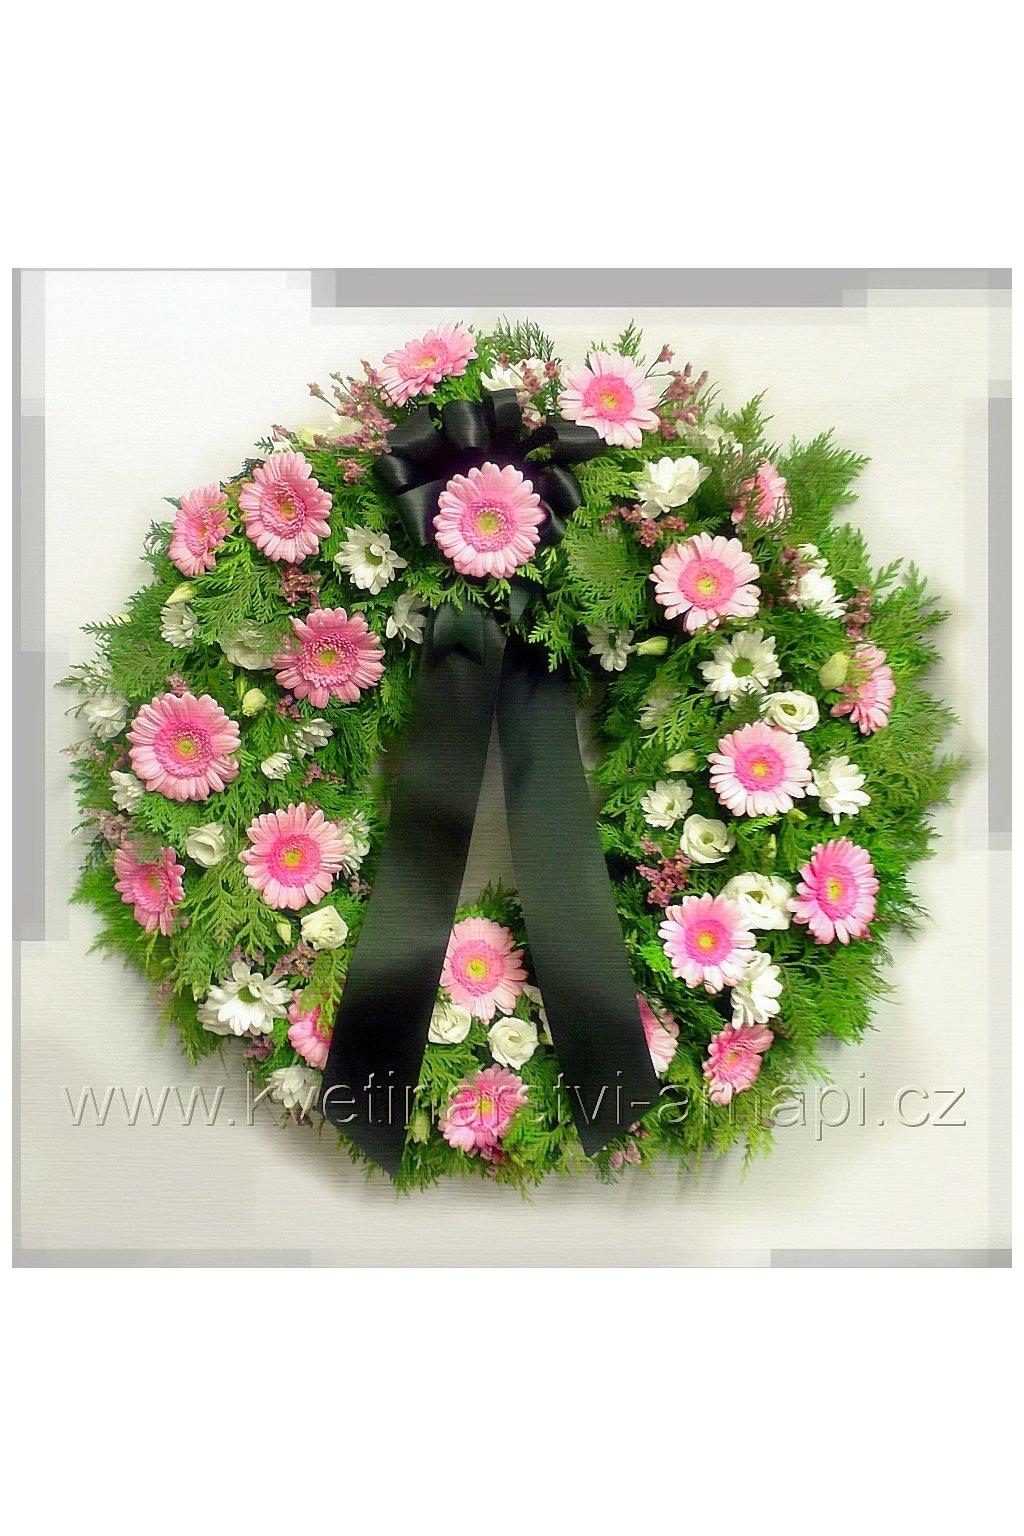 smutecni venec online kvetiny kvetinarstvi arnapi